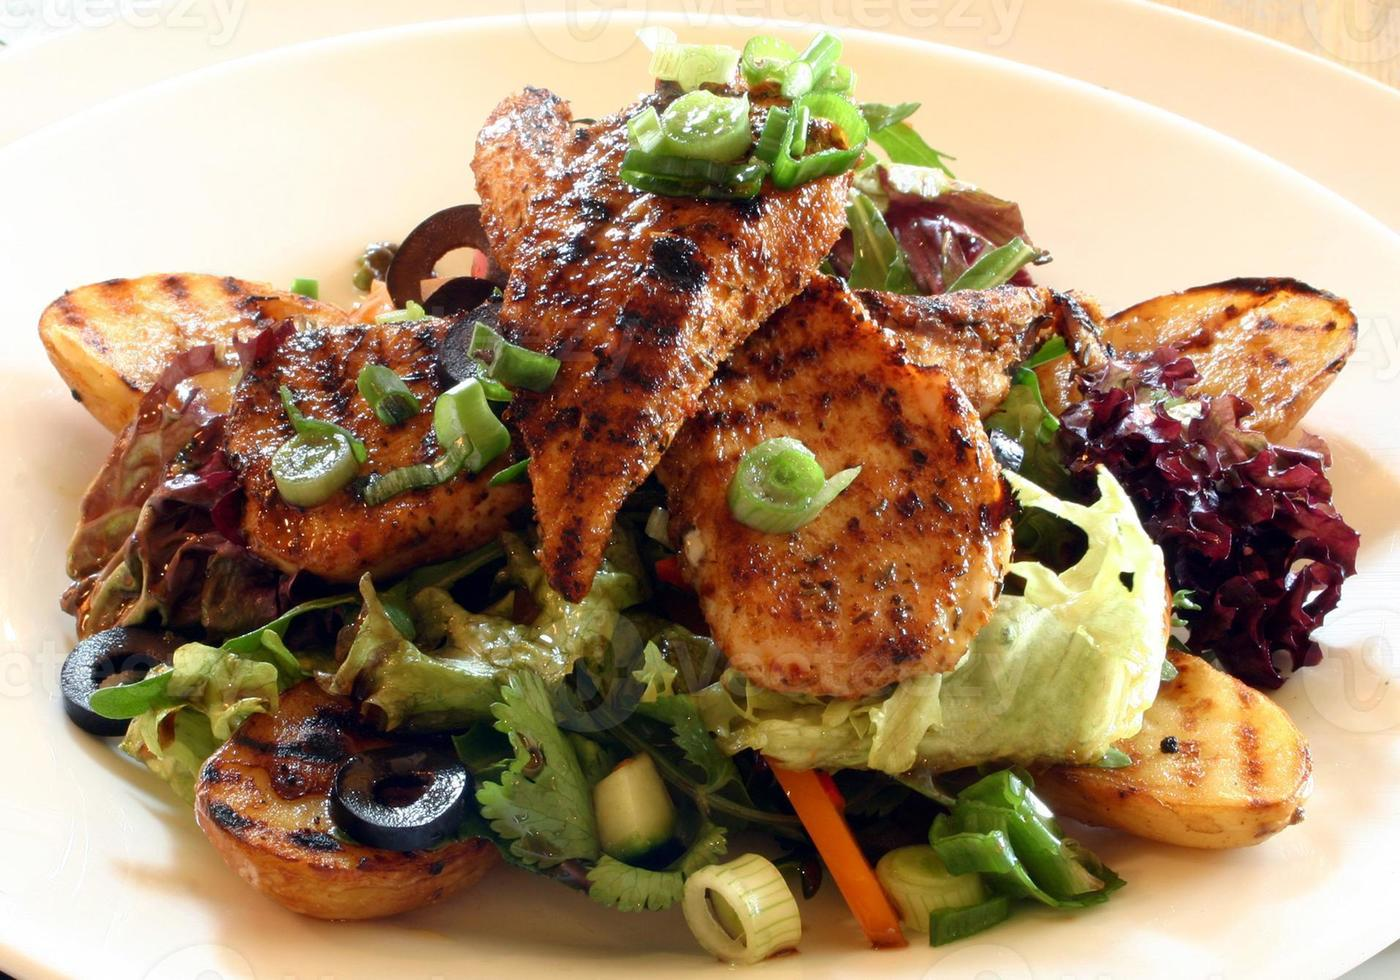 insalata di pollo grigliata con zucca, scalogno e olive foto